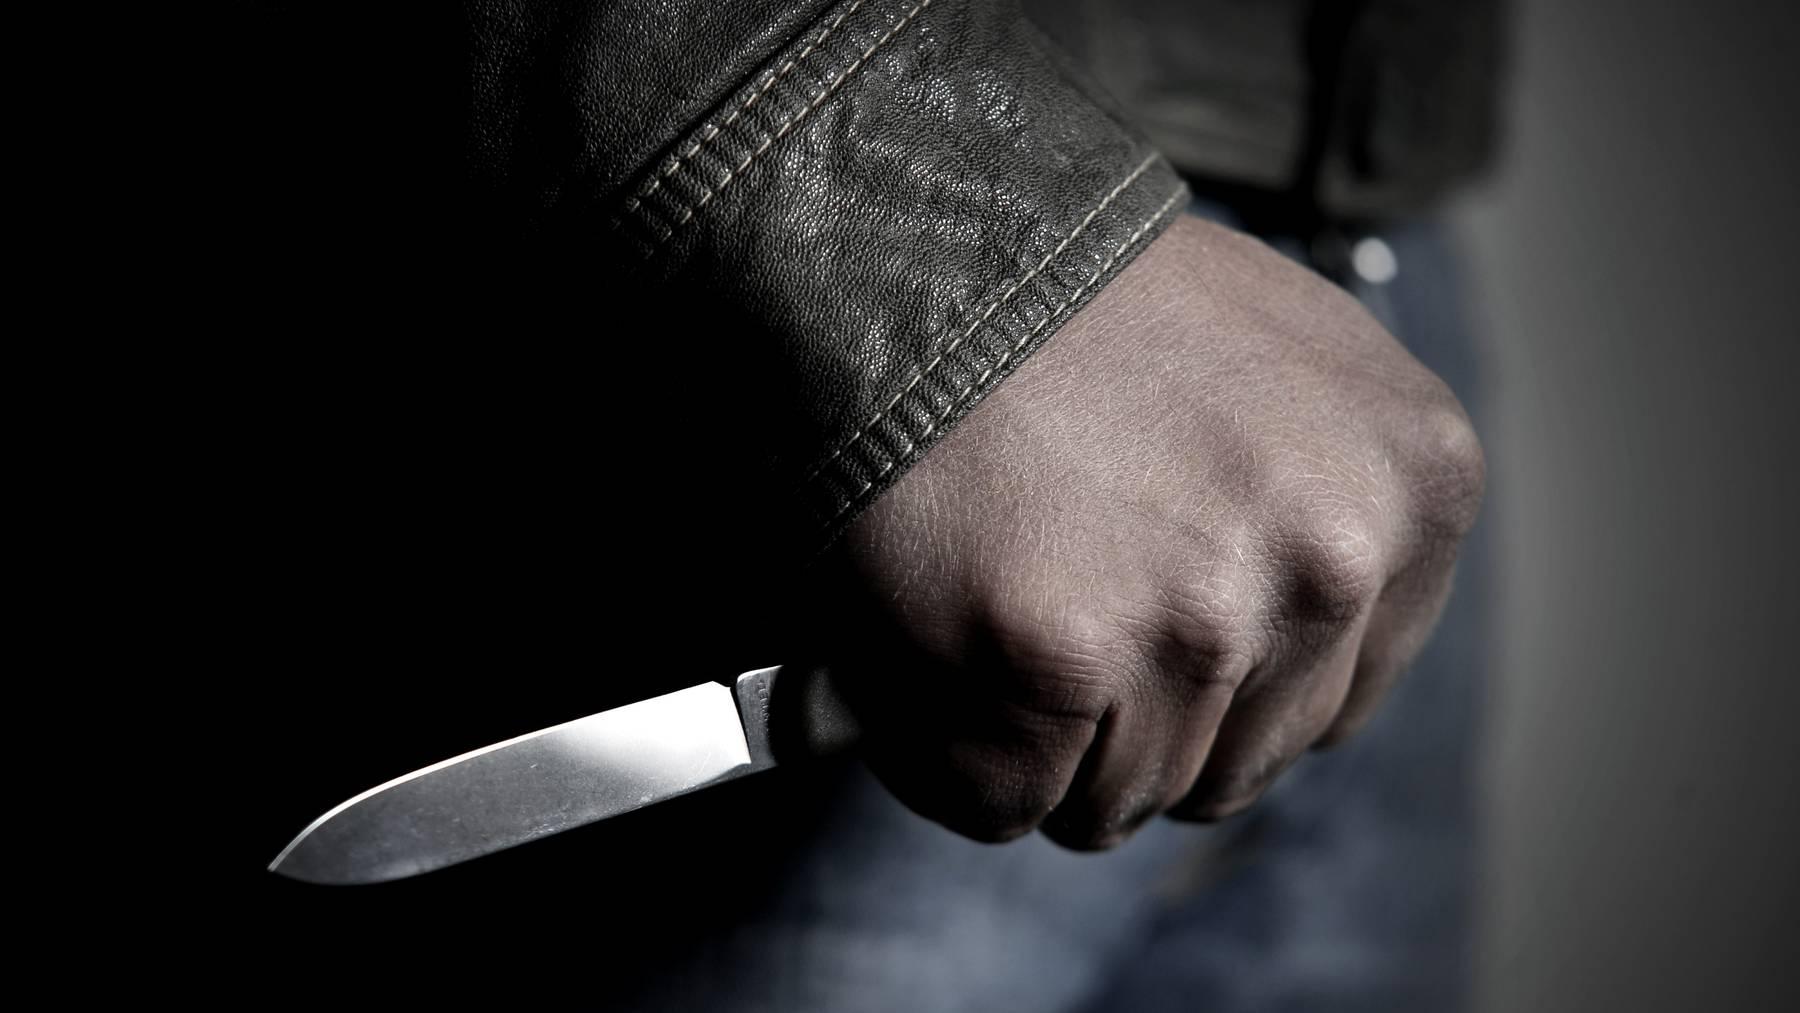 Gewalt mit Messer (Symbolbild)